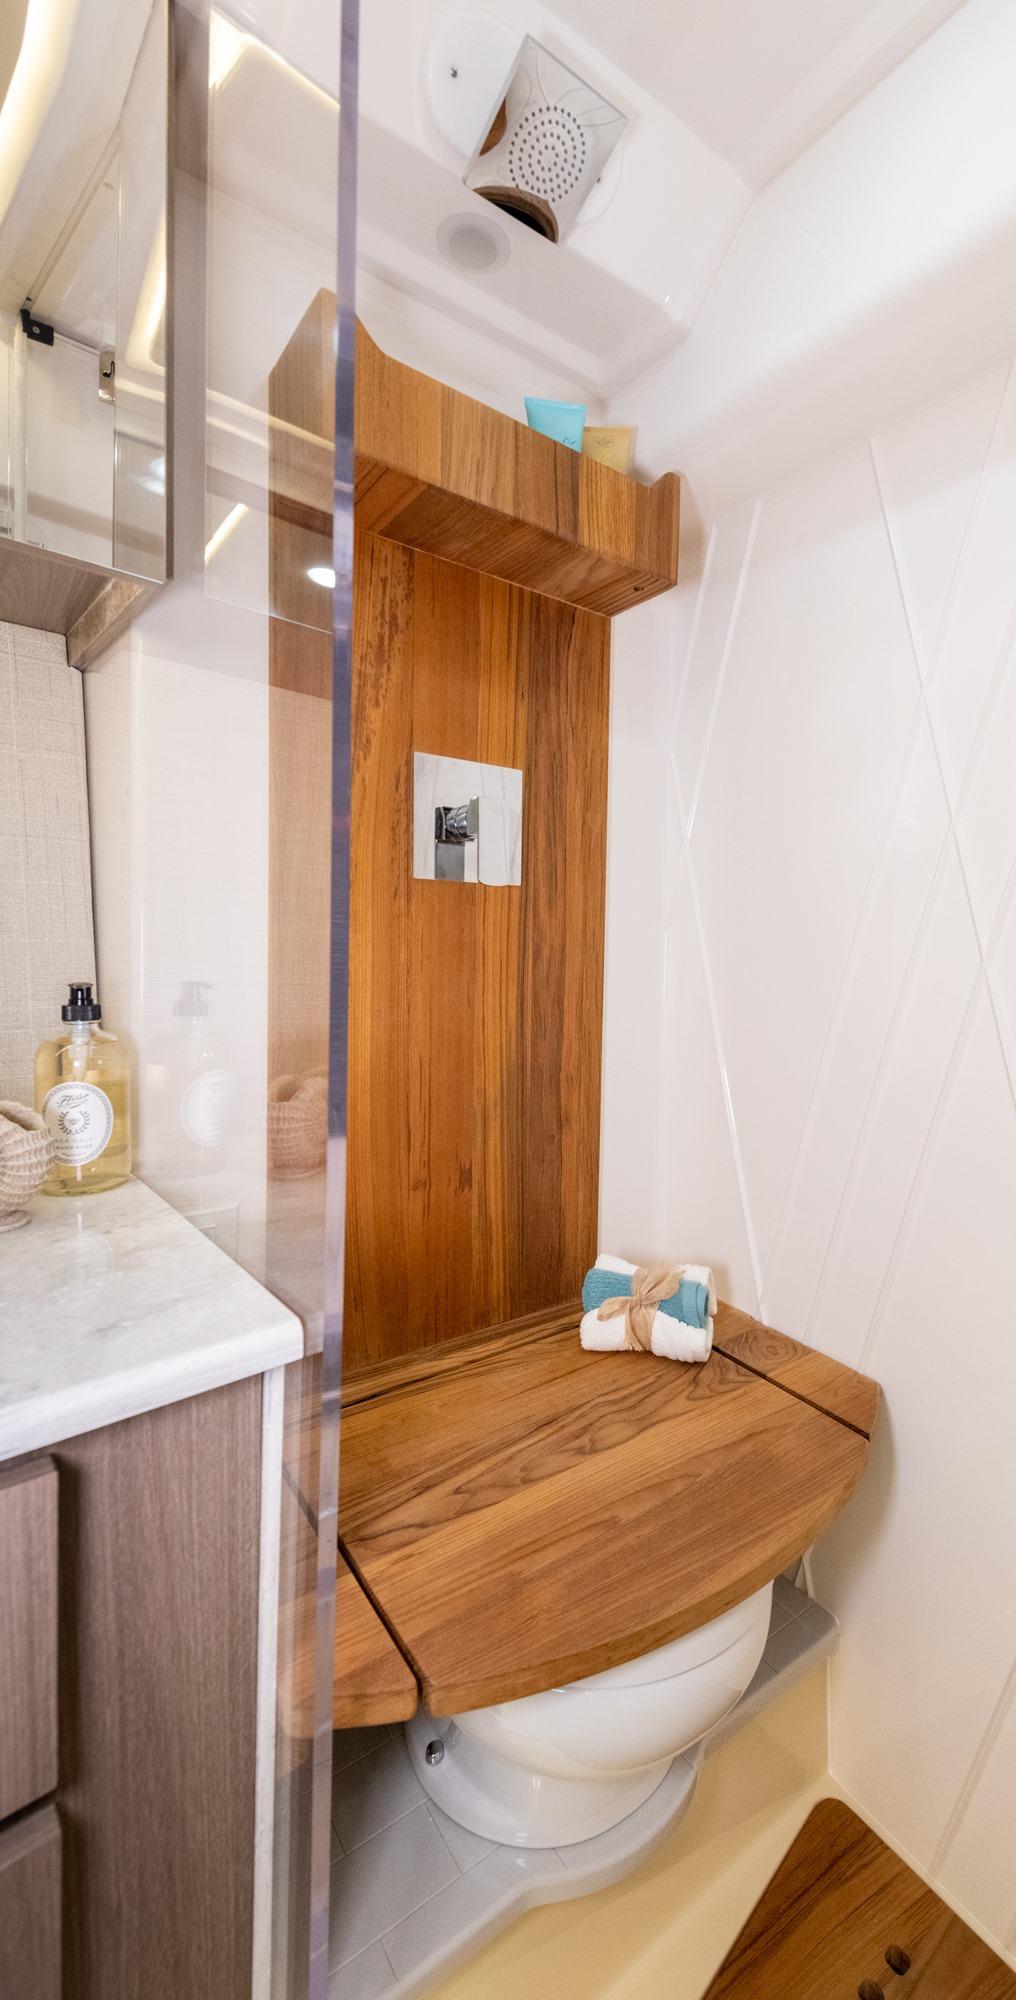 ヘッド&シャワー / エレガントなヘッドと独立したウォークインシャワーは、キャビネットと高級カウンタートップを備え、快適さとスタイルを提供します。